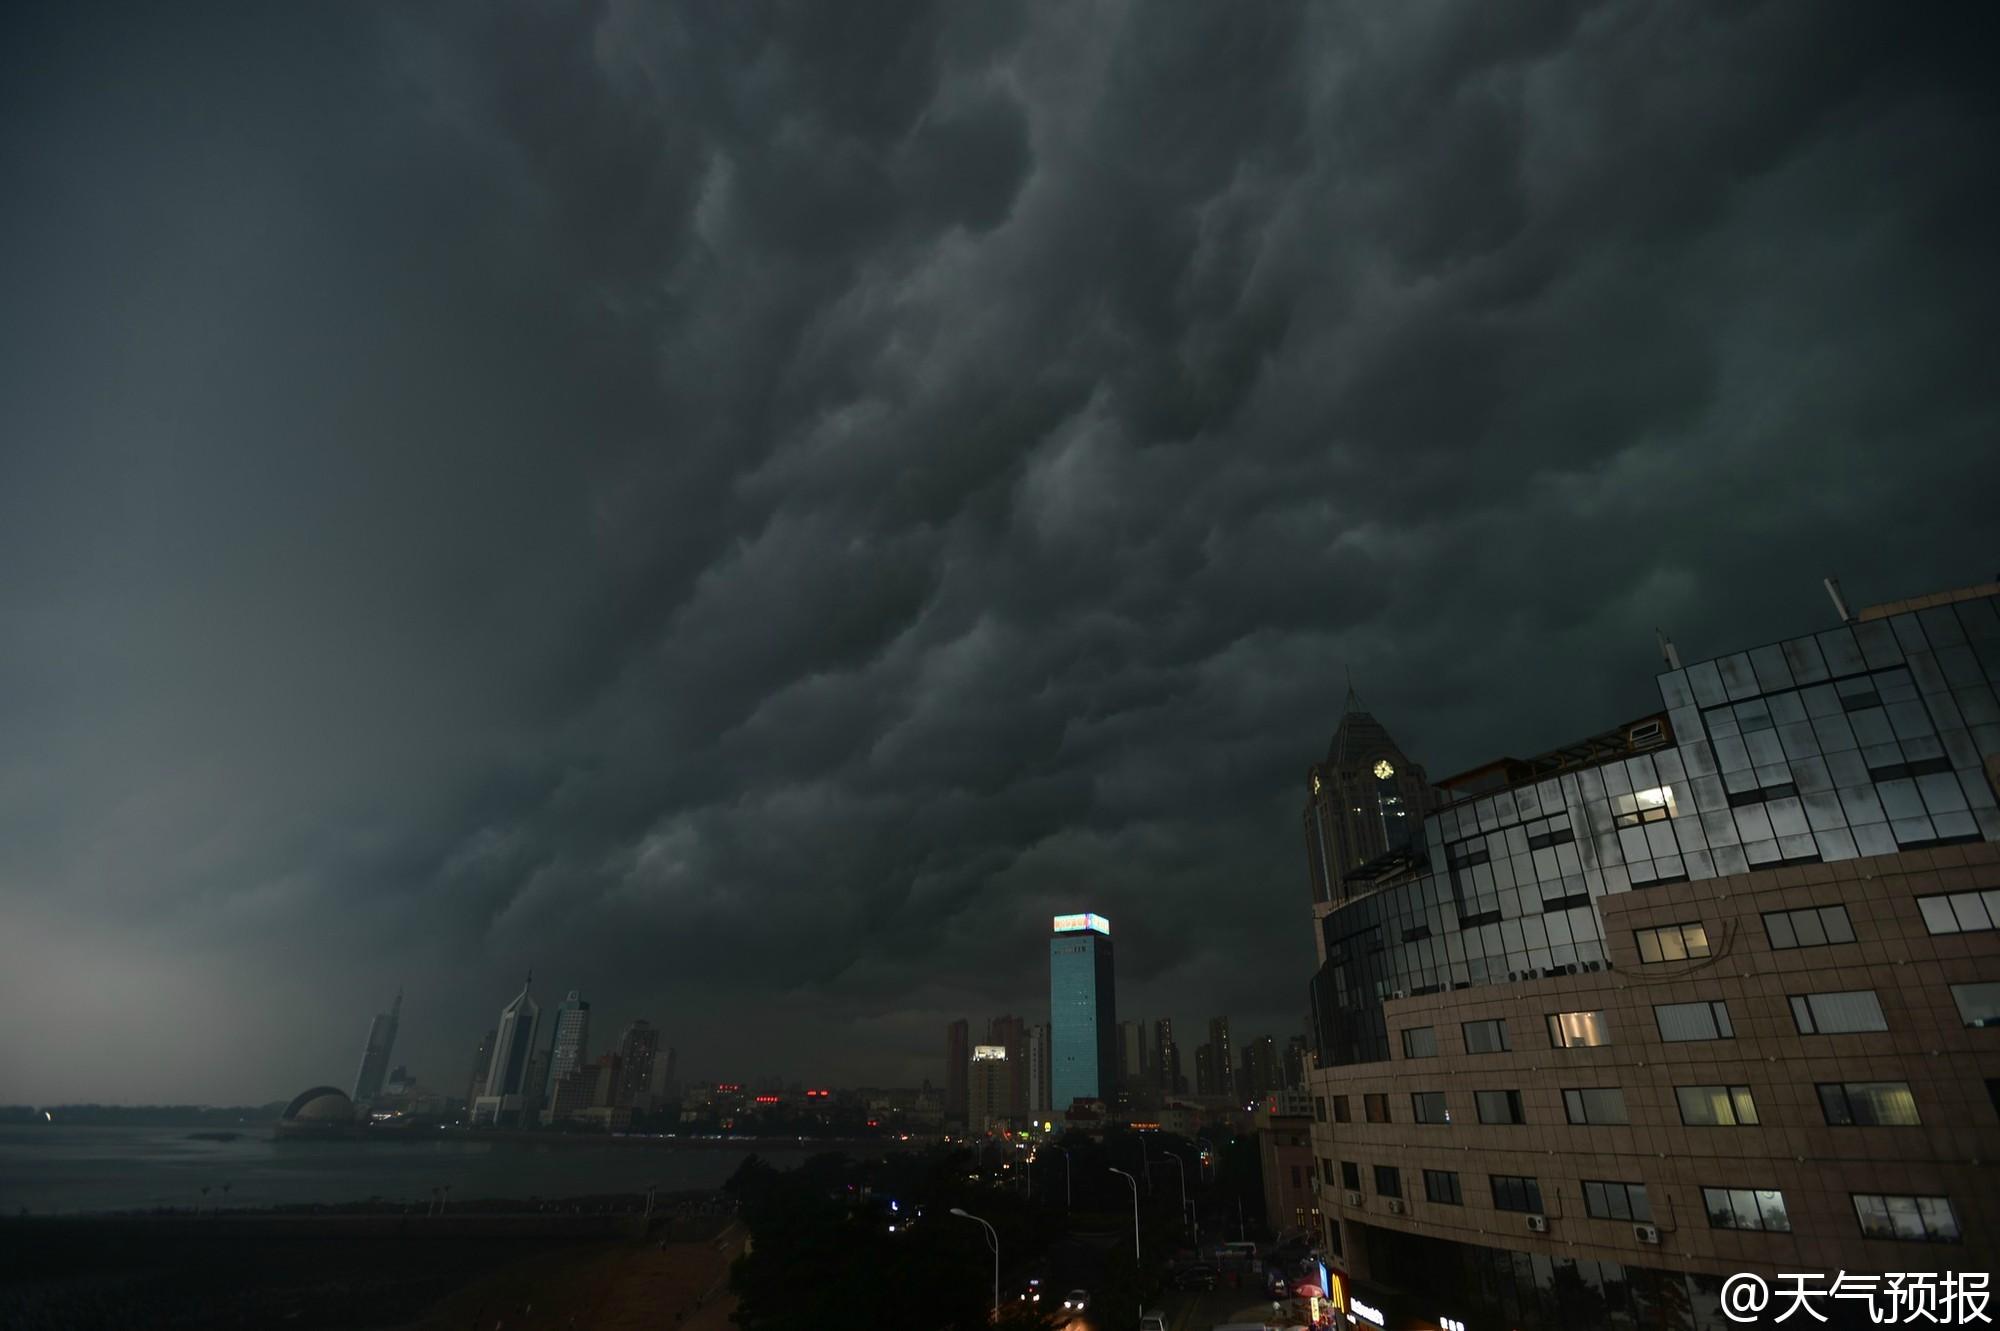 """山东青岛上空受乌云笼罩,暴雨来临前的一刻,堪比美国""""好莱坞末日大片""""。"""